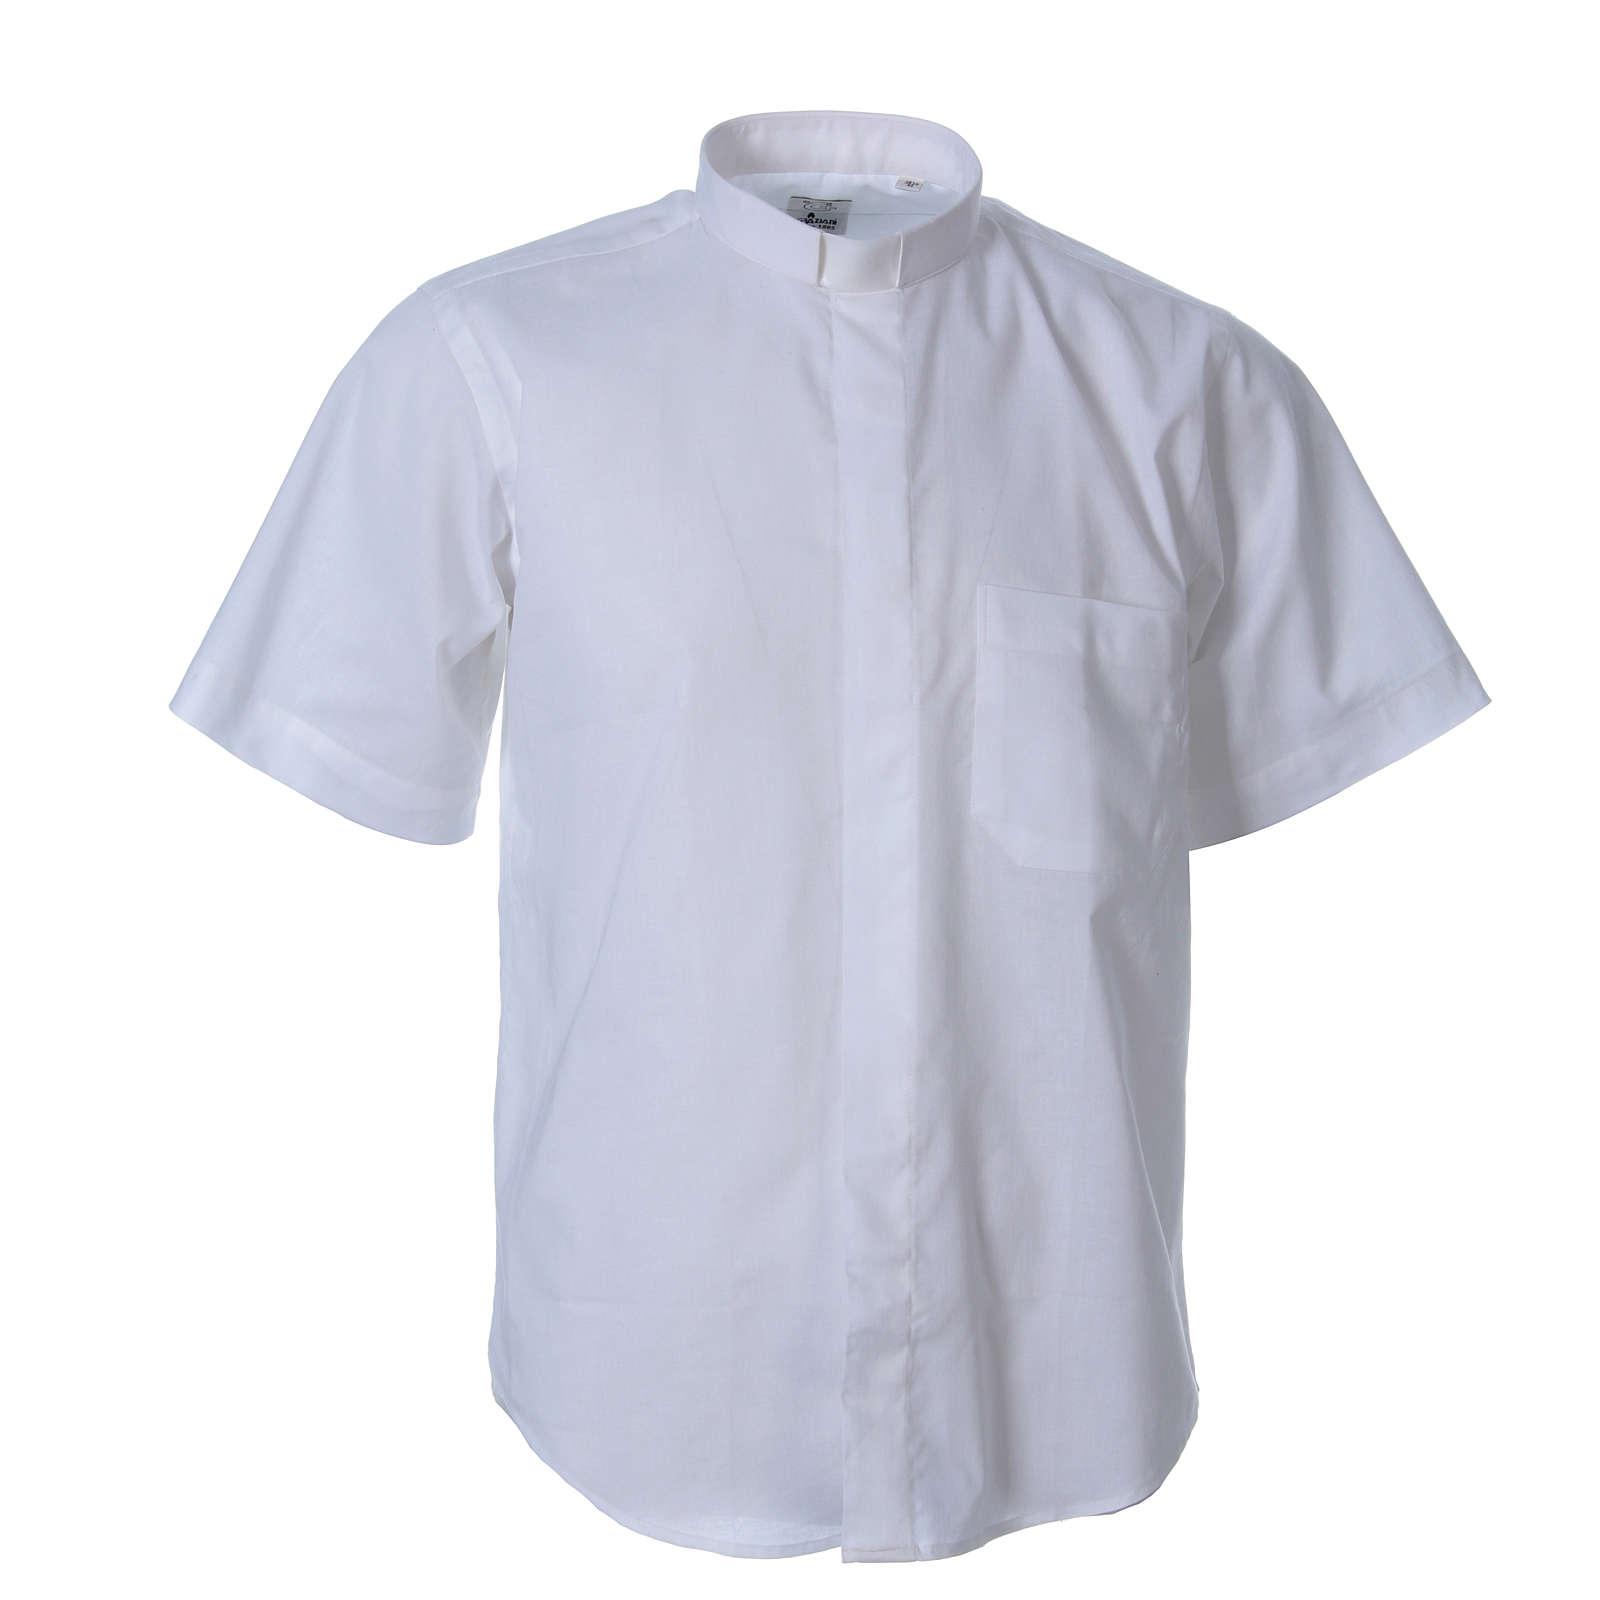 STOCK Camisa clergyman manga corta mixta blanca 4